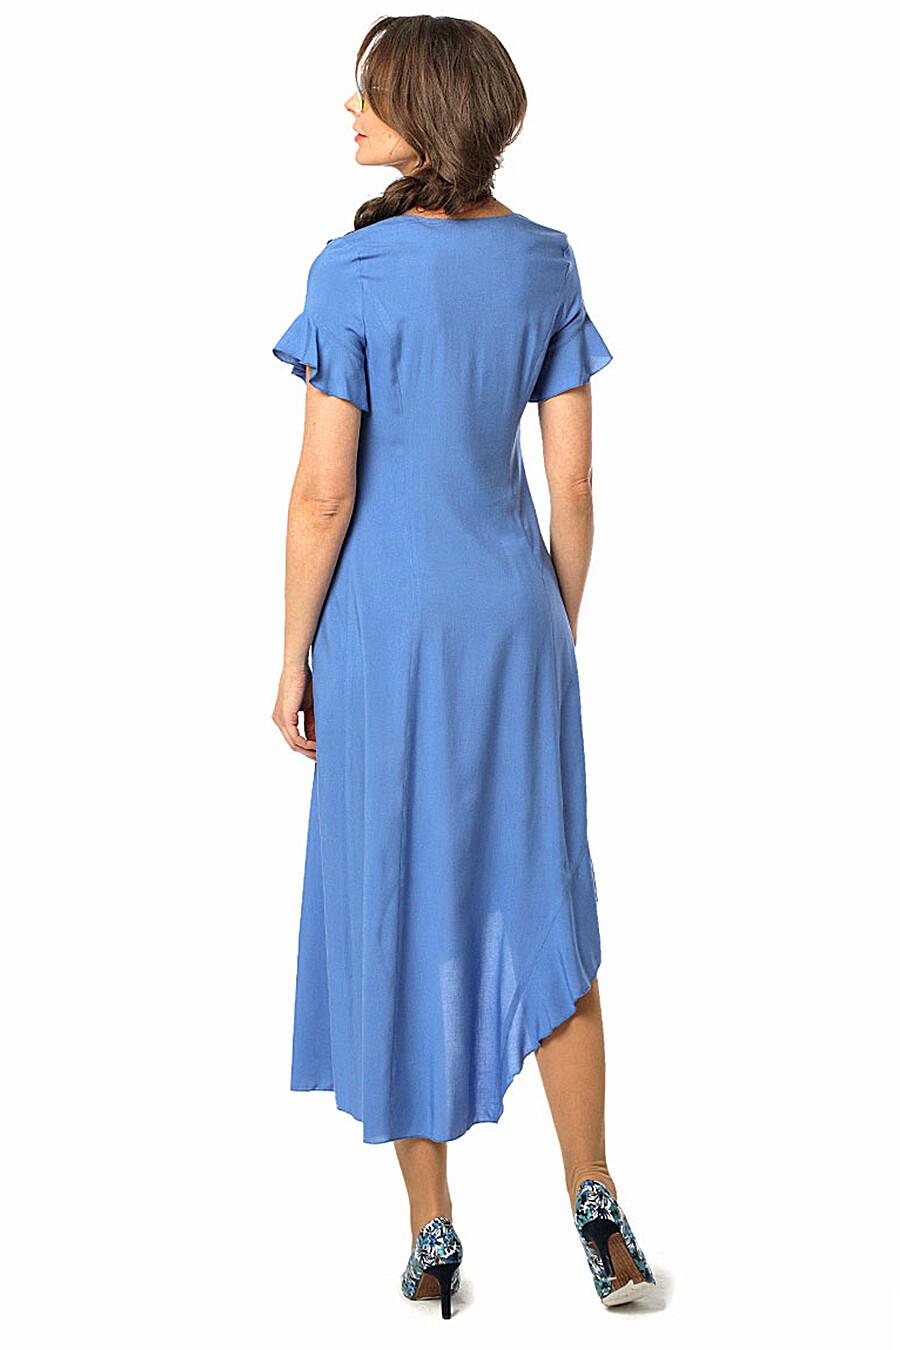 Платье DIZZYWAY (115020), купить в Moyo.moda